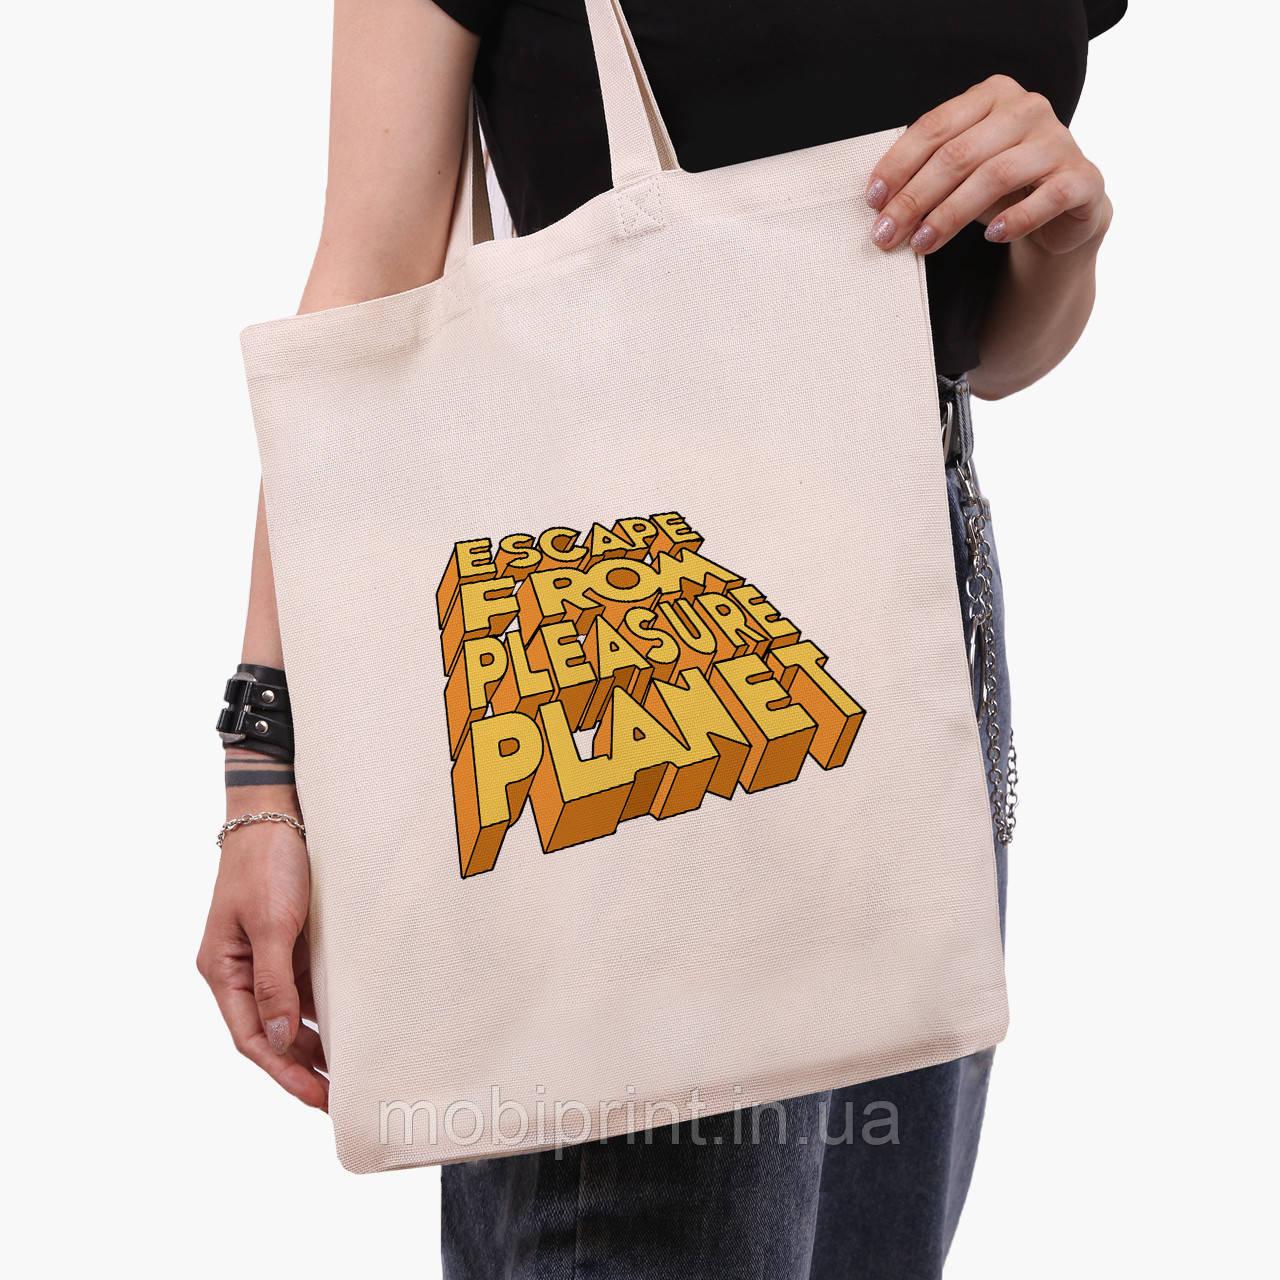 Эко сумка шоппер Побег с планеты удовольствий (Escape from pleasure planet) (9227-2856)  41*35 см